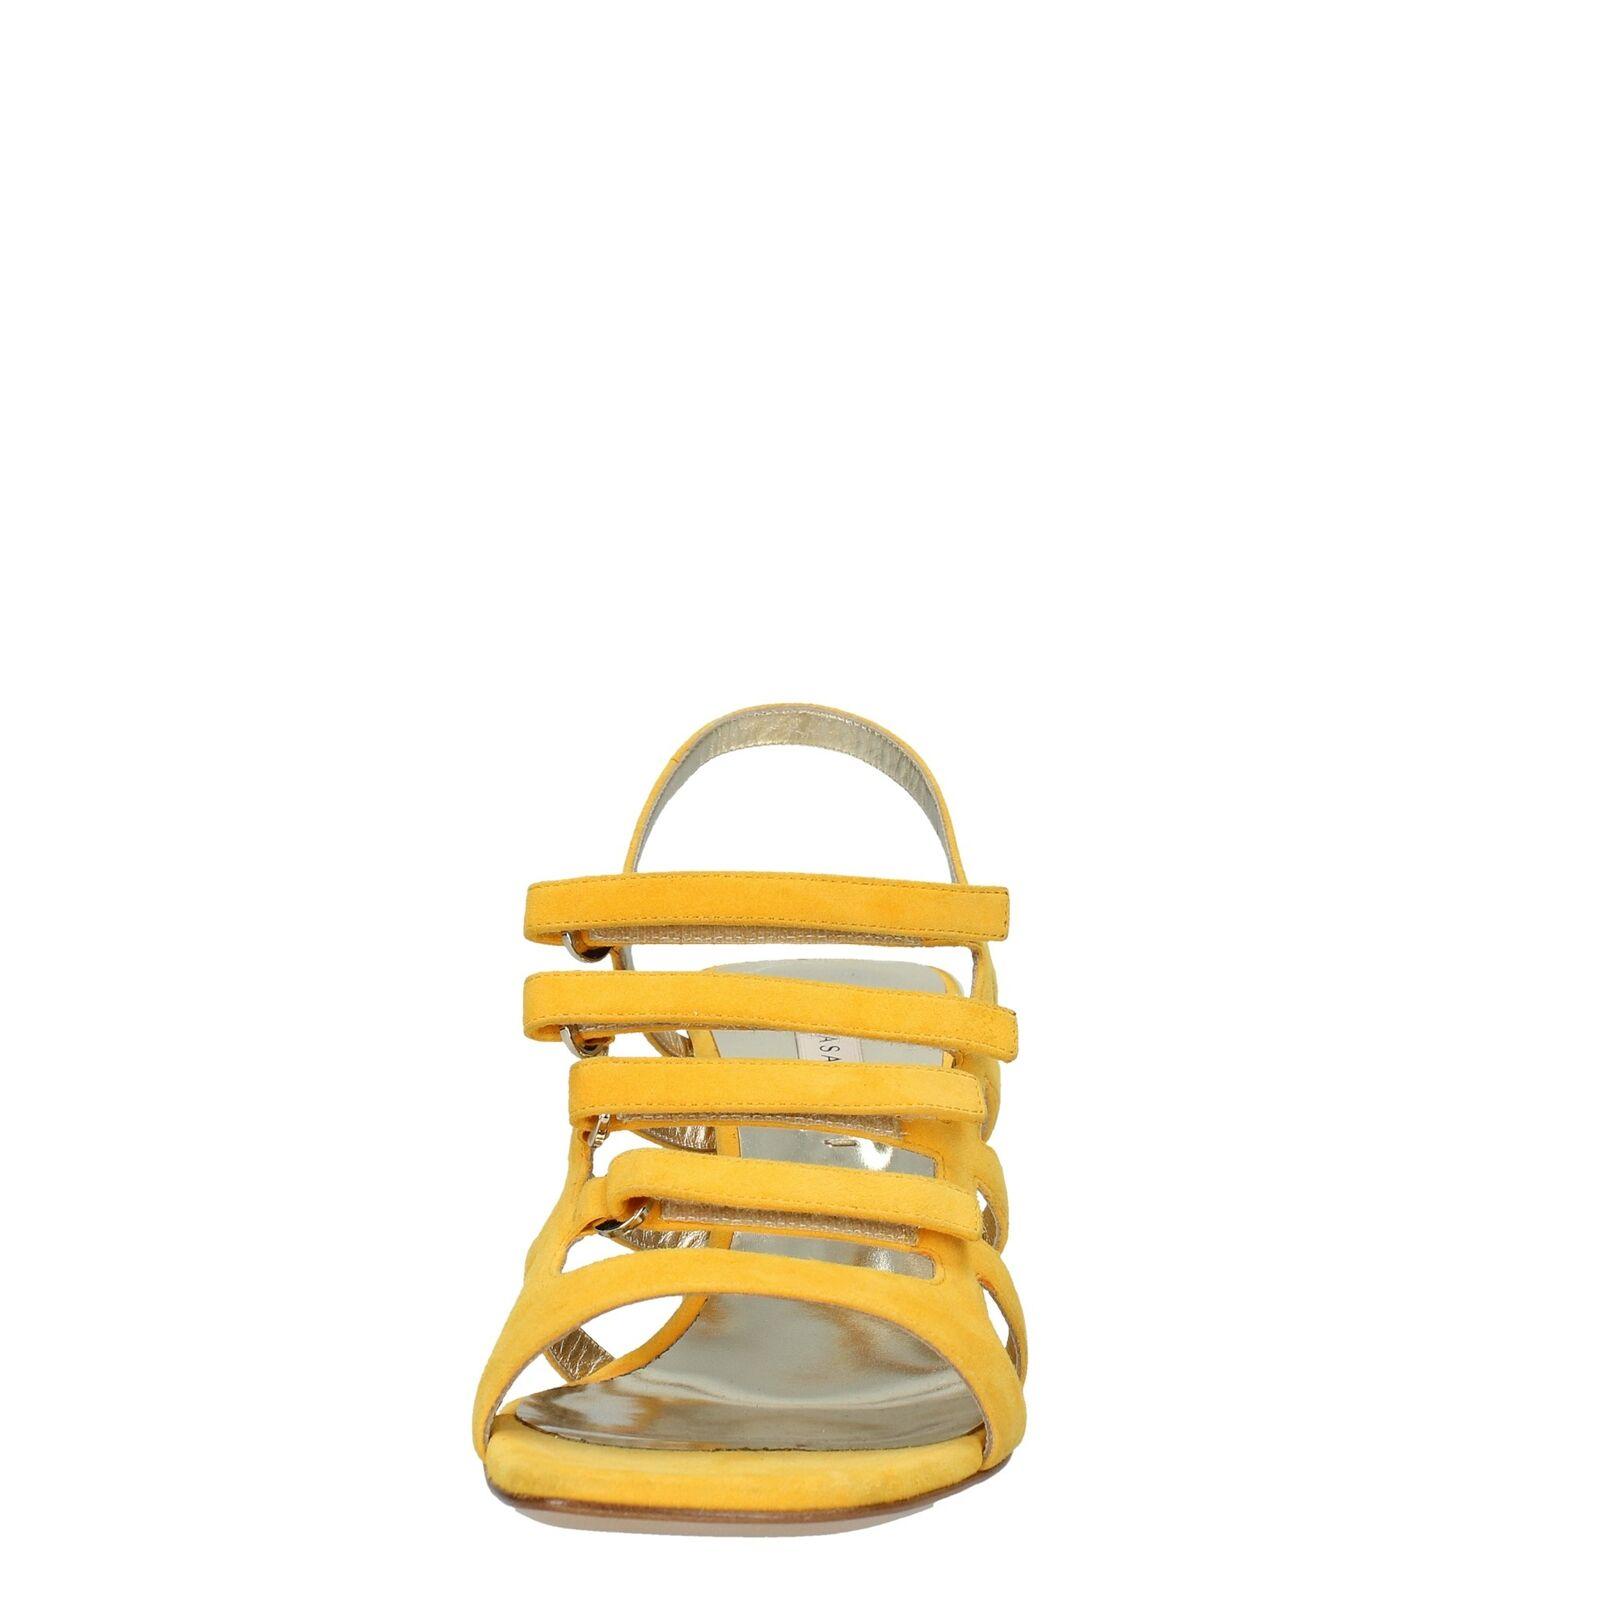 NV84 Scarpe Sandali CASADEI  donna | Attraente e durevole  durevole  durevole  | Maschio/Ragazze Scarpa  189cbd